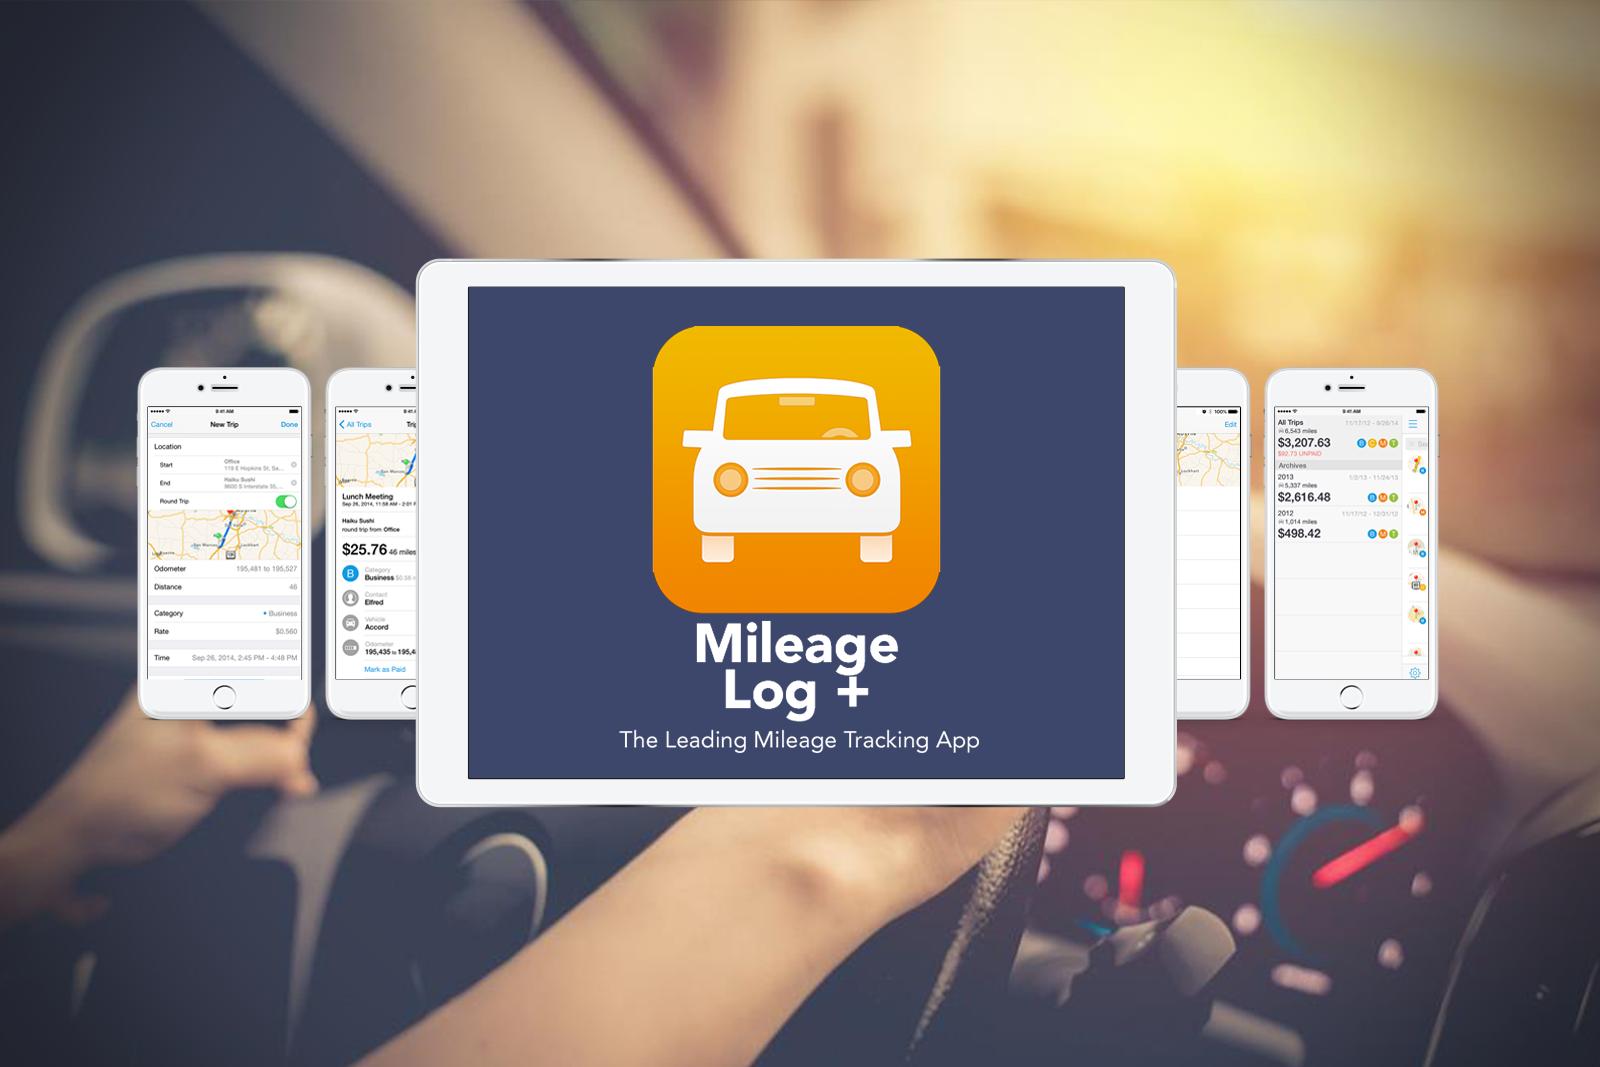 Mileage Log +